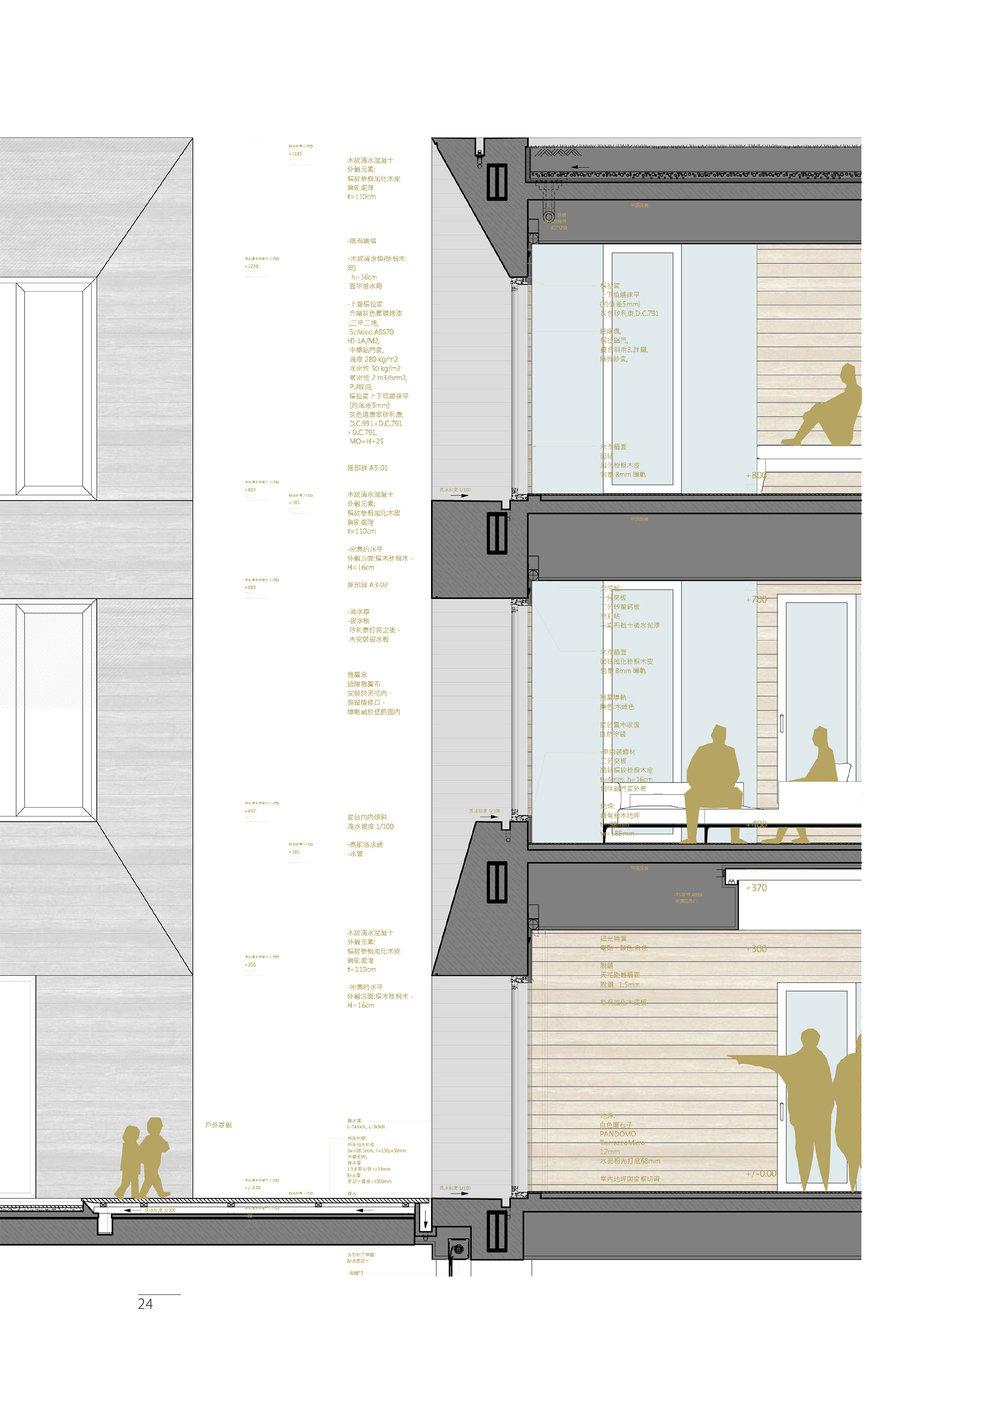 11-wohnhaus-ck-behet-bondzio-lin-architekten.jpg